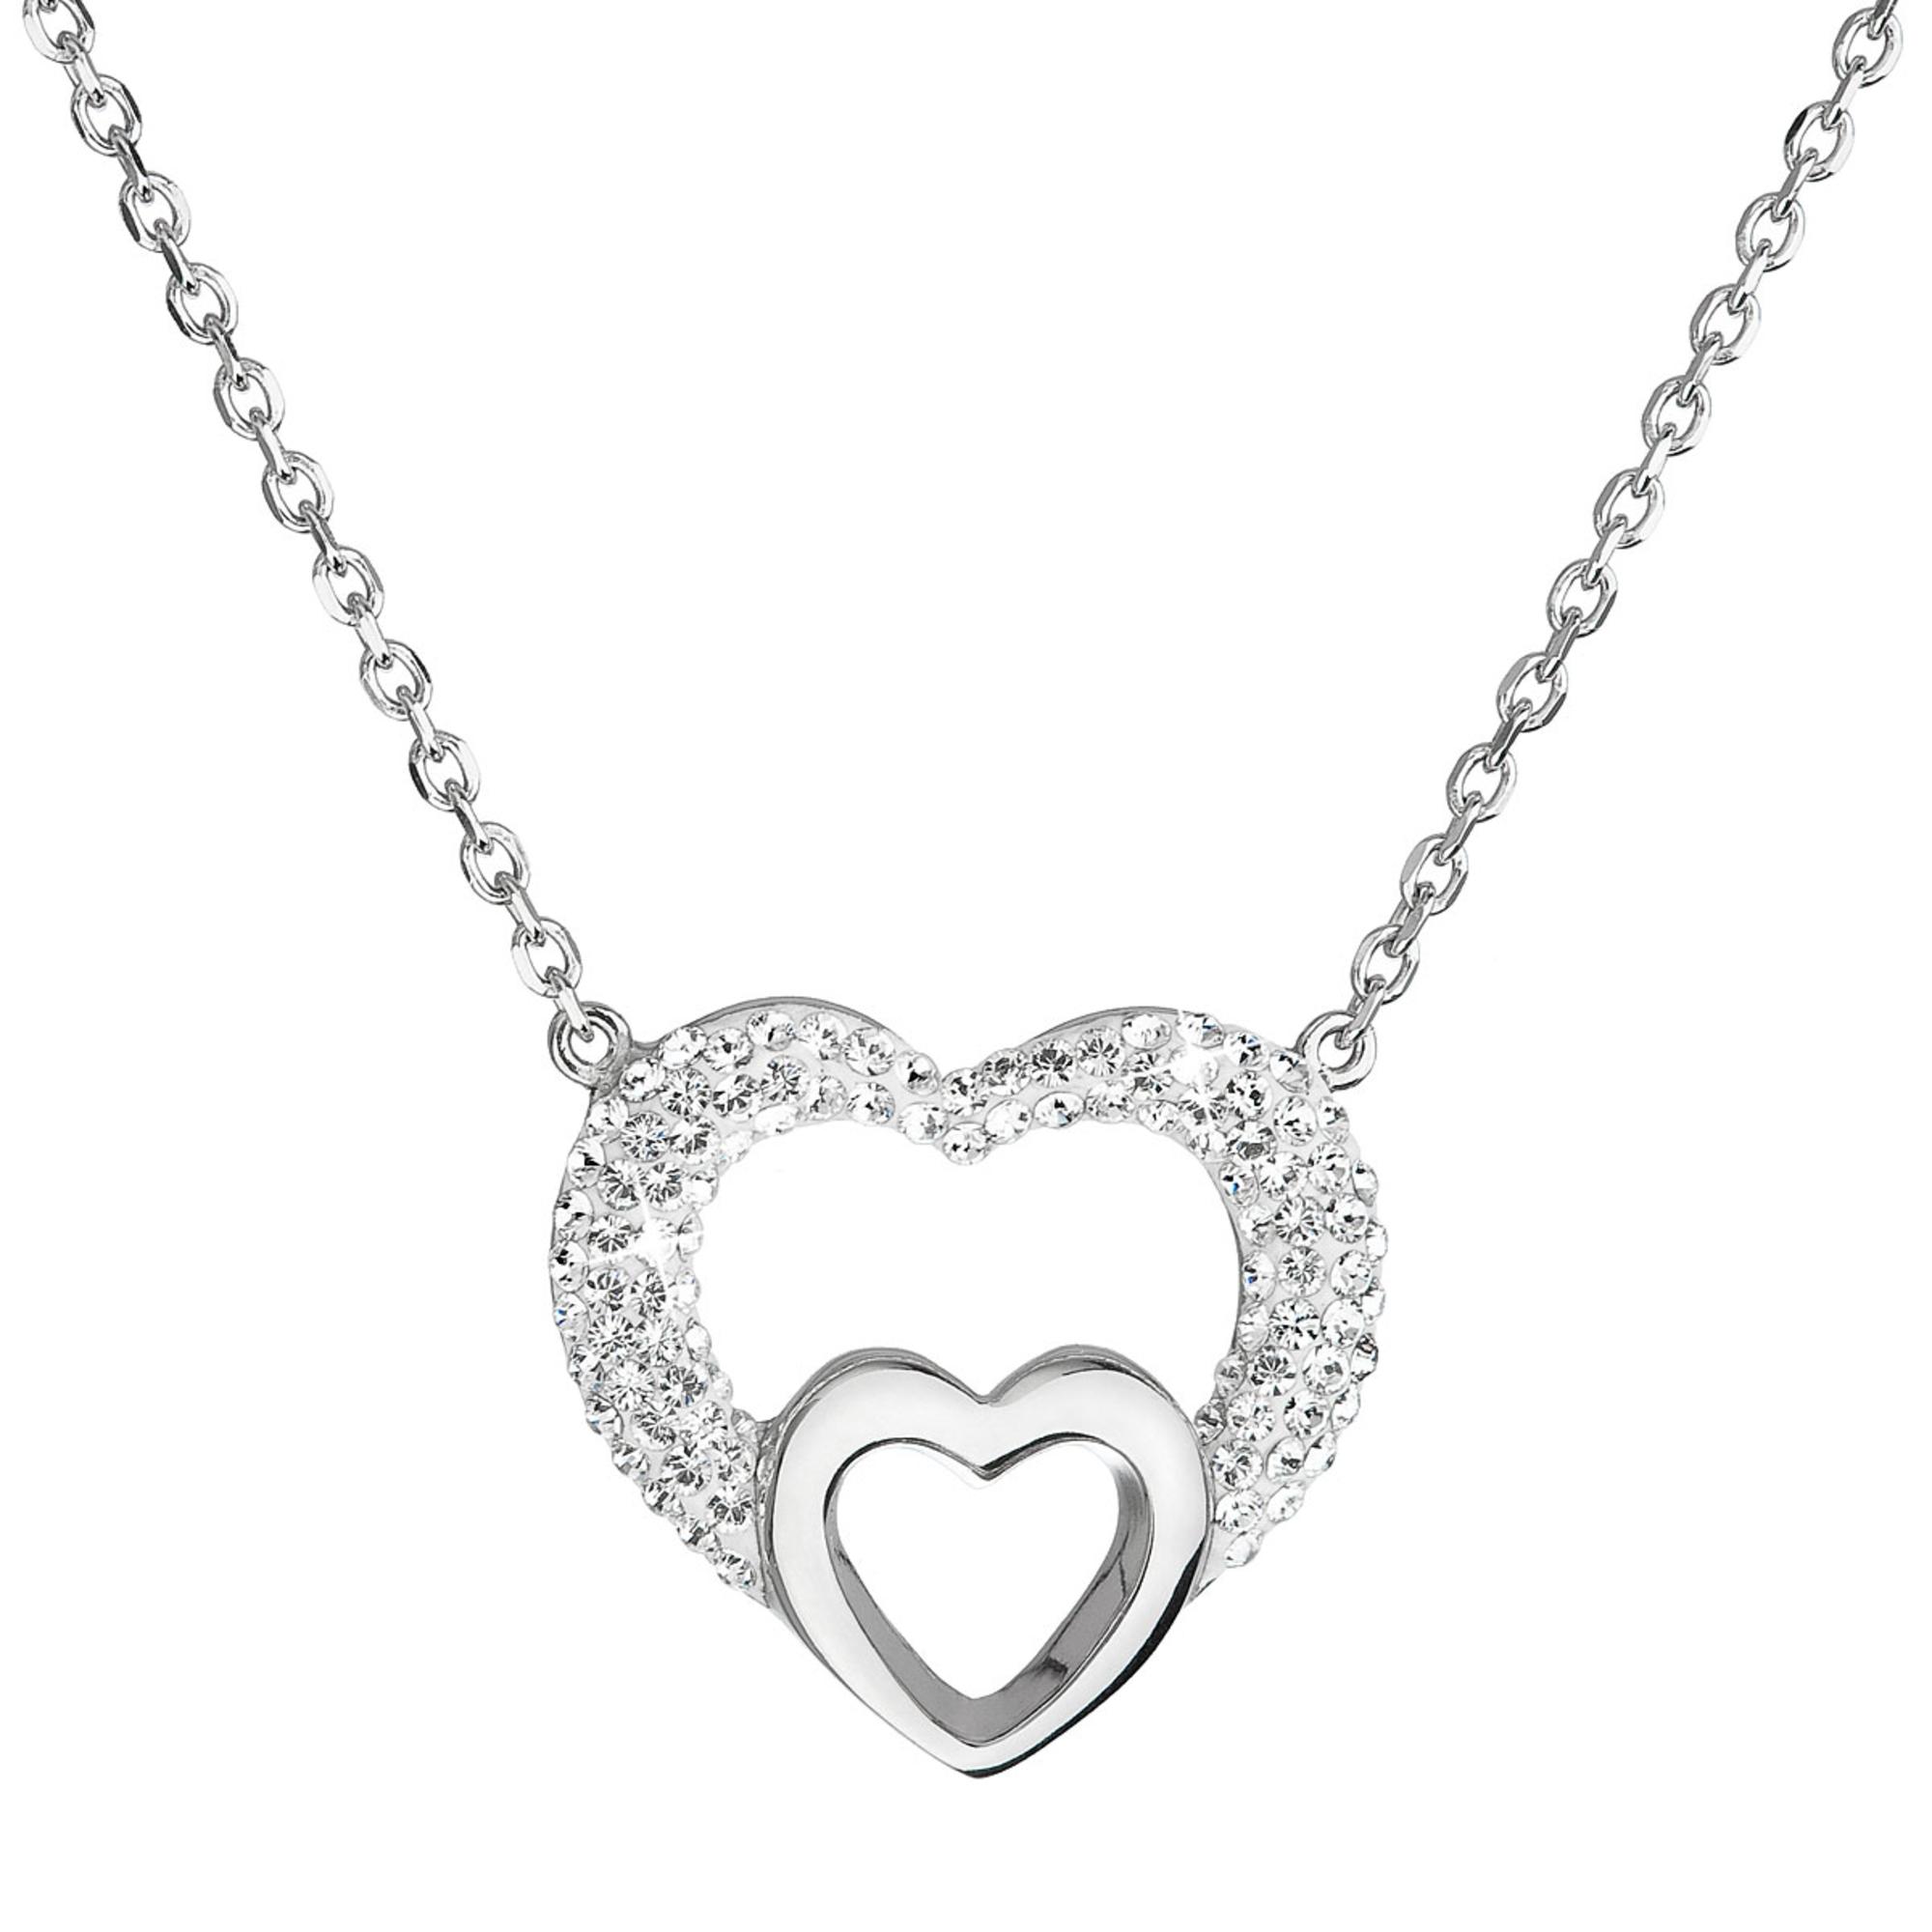 Stříbrný náhrdelník se srdíčky - Crystals from Swarovski® EG4012-CR